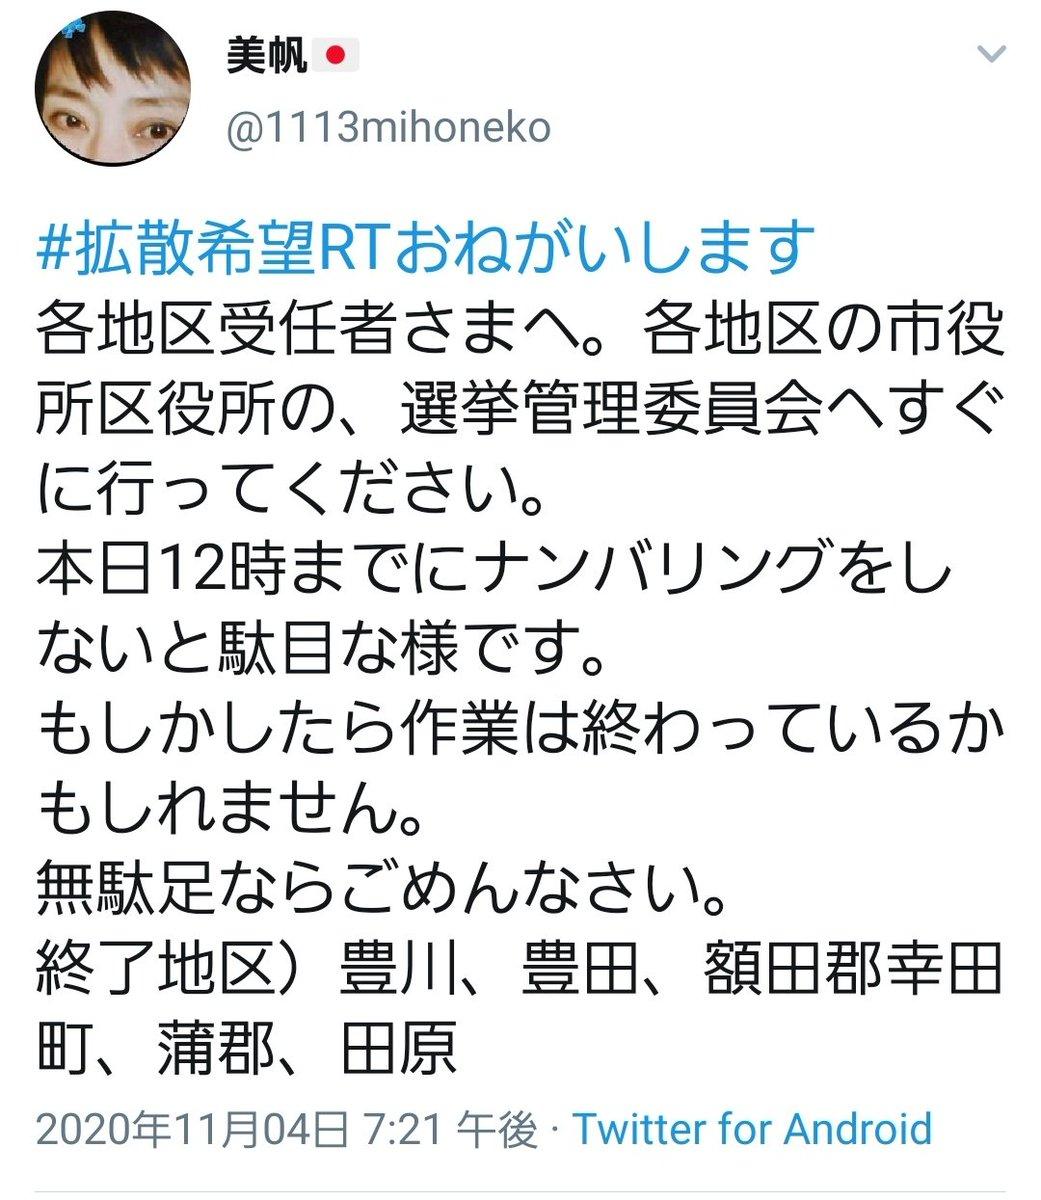 リコール 署名数 愛知県知事